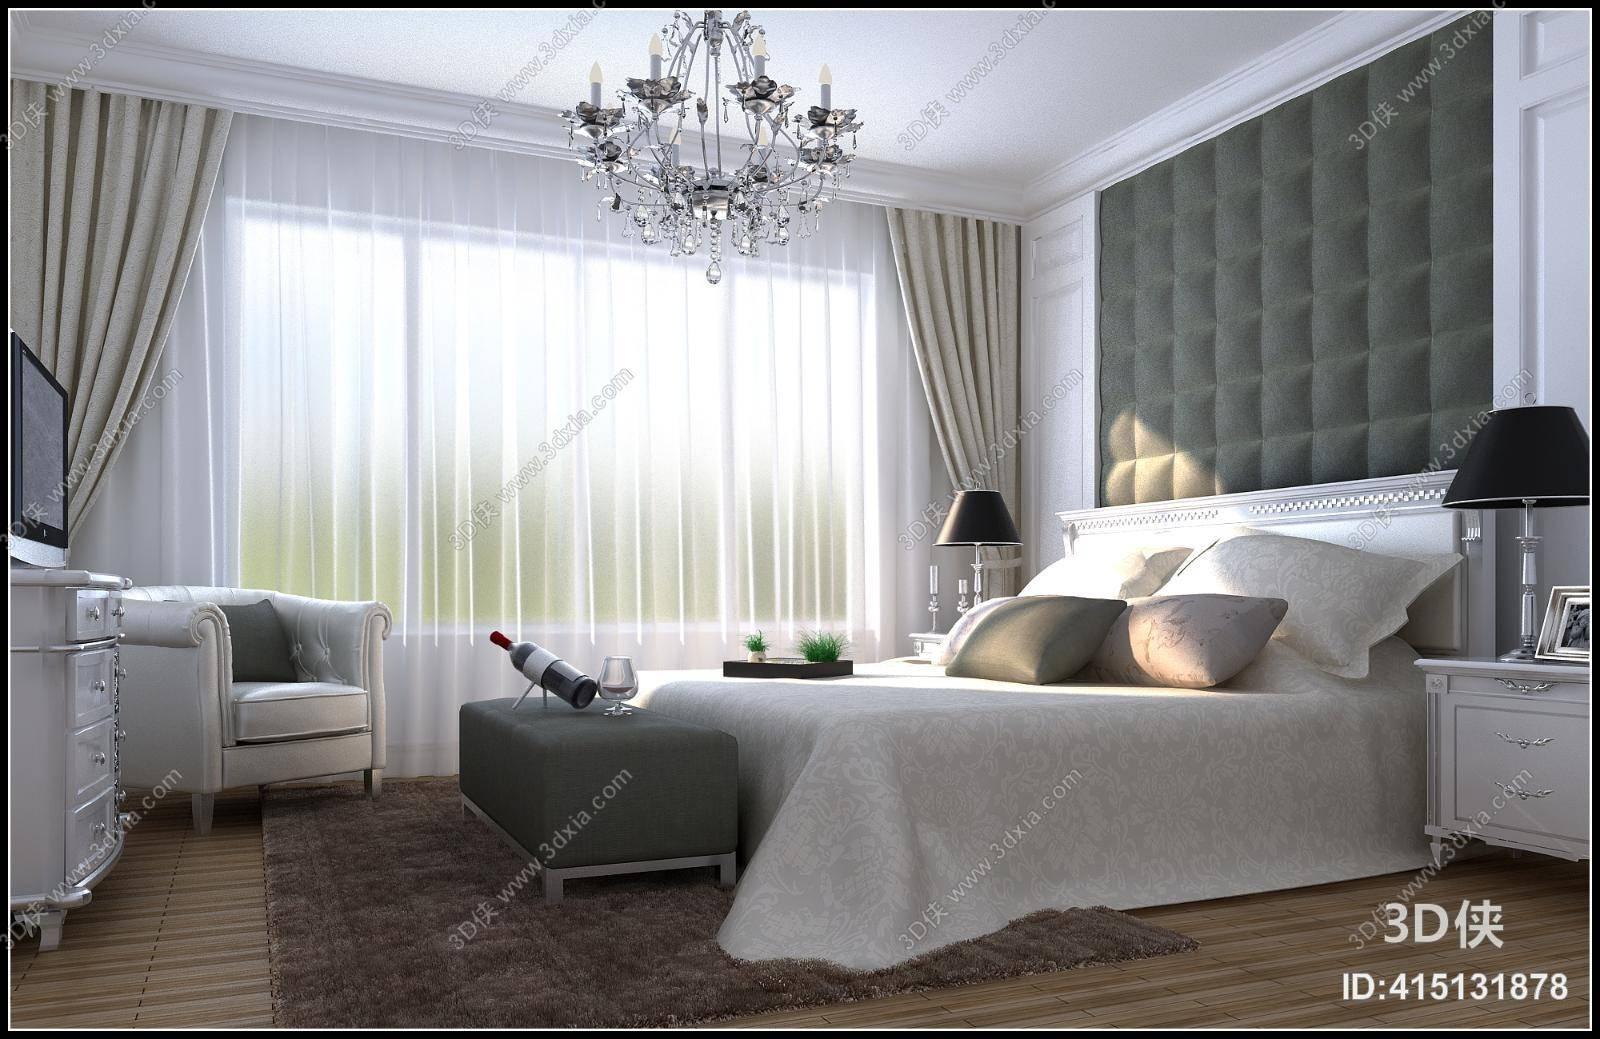 家居卧室效果图素材免费下载,本作品主题是欧式简约白色家居卧室 现代